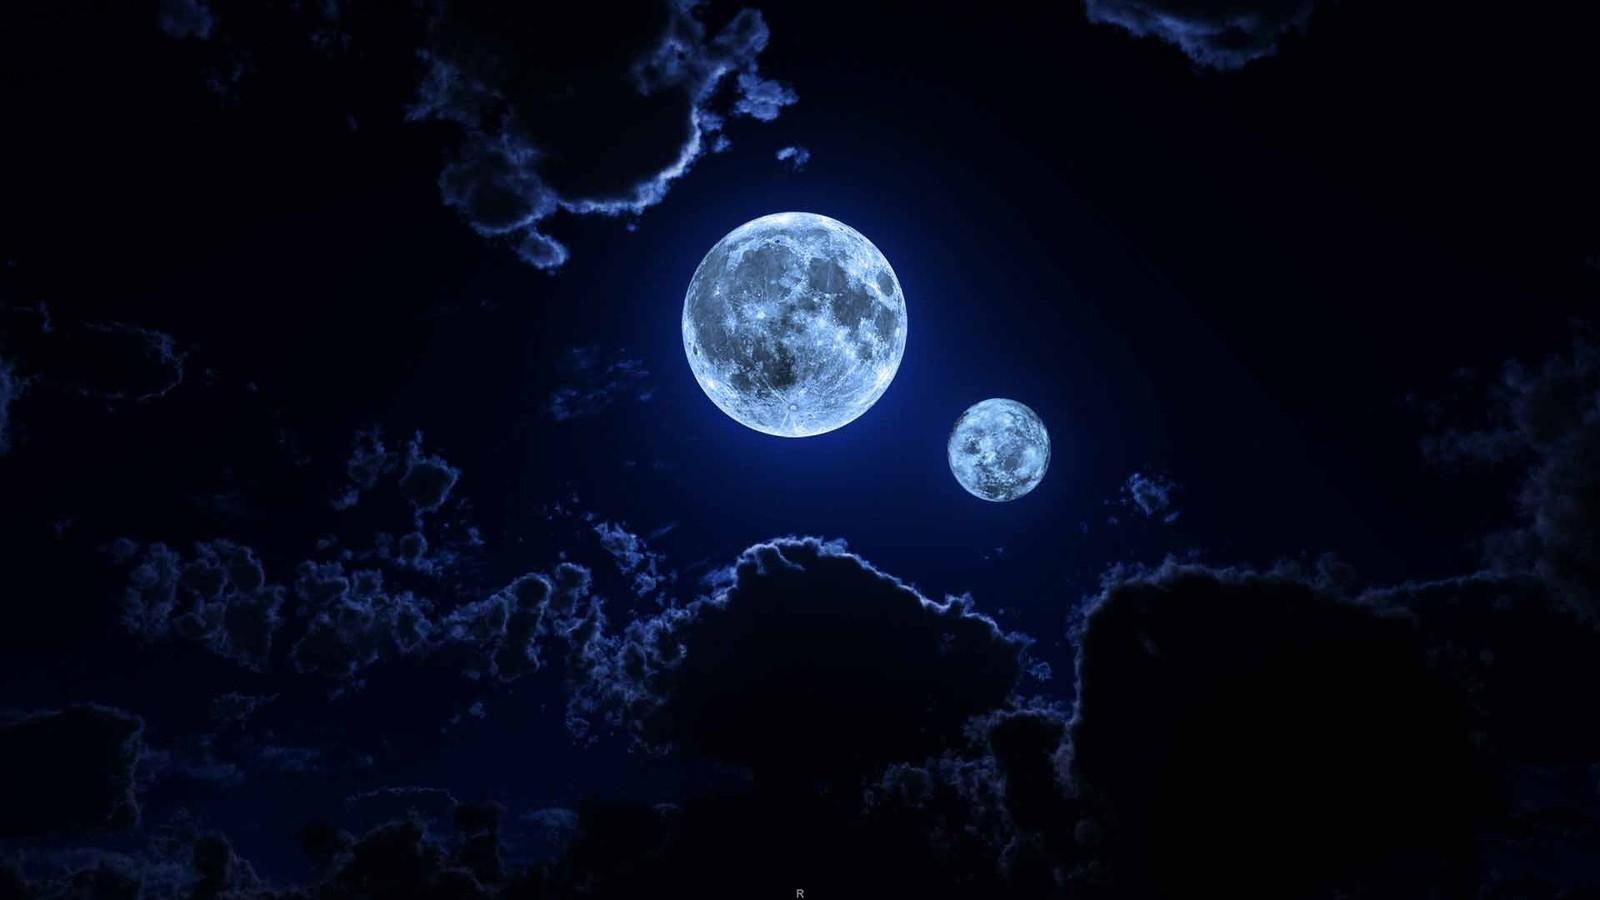 Две луны на небе: что это за явление и когда оно происходит в 2019 году